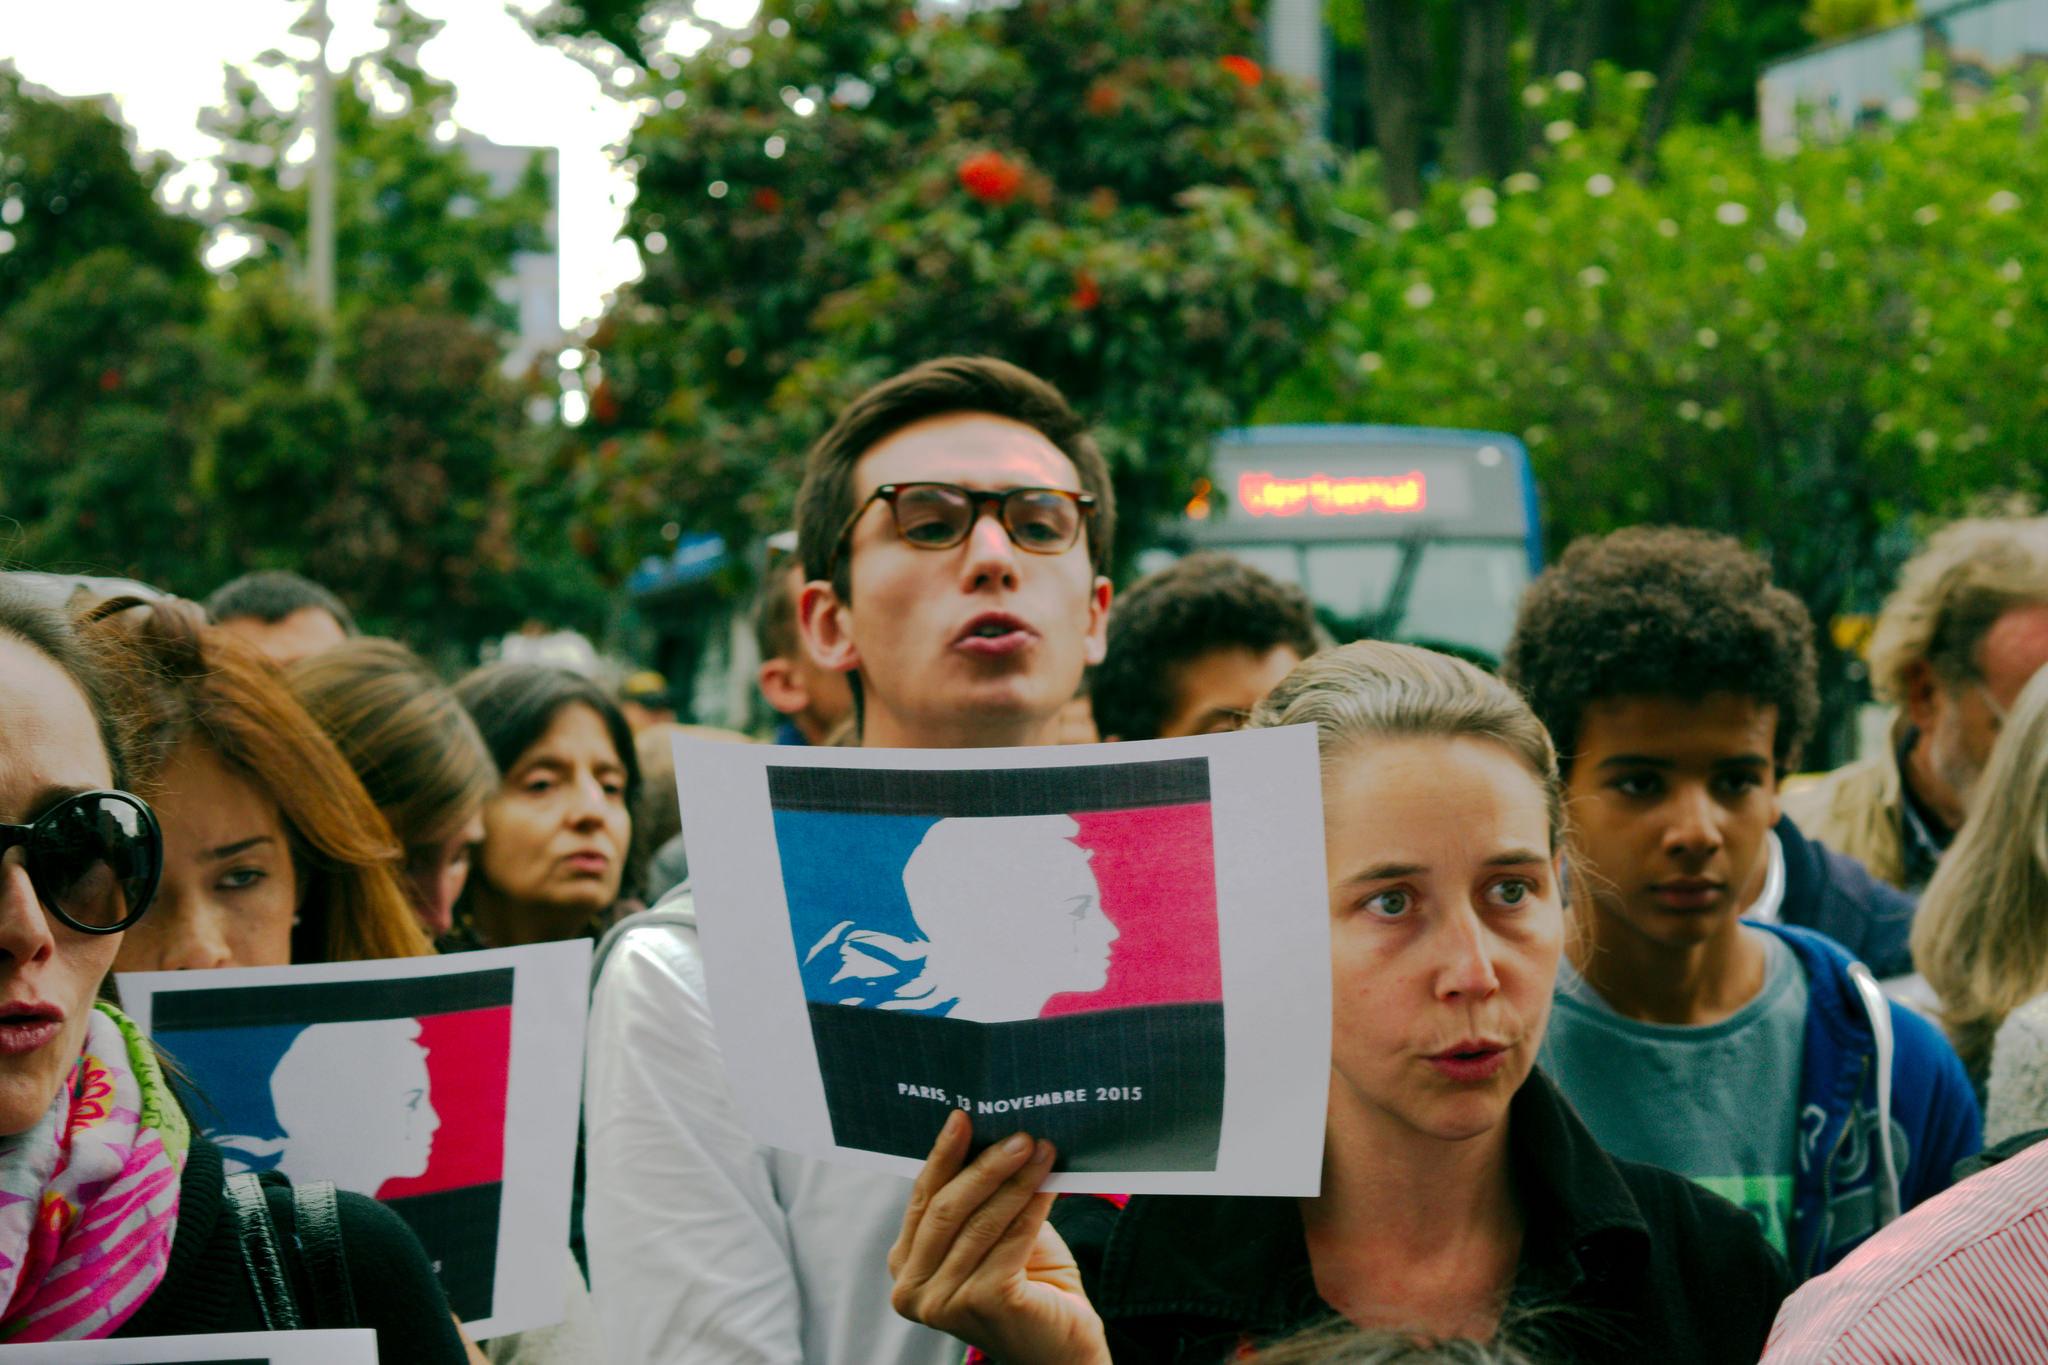 Homenaje en Bogotá a las víctimas de los atentados de París en noviembre 2015. Foto: Léo Tisseau.